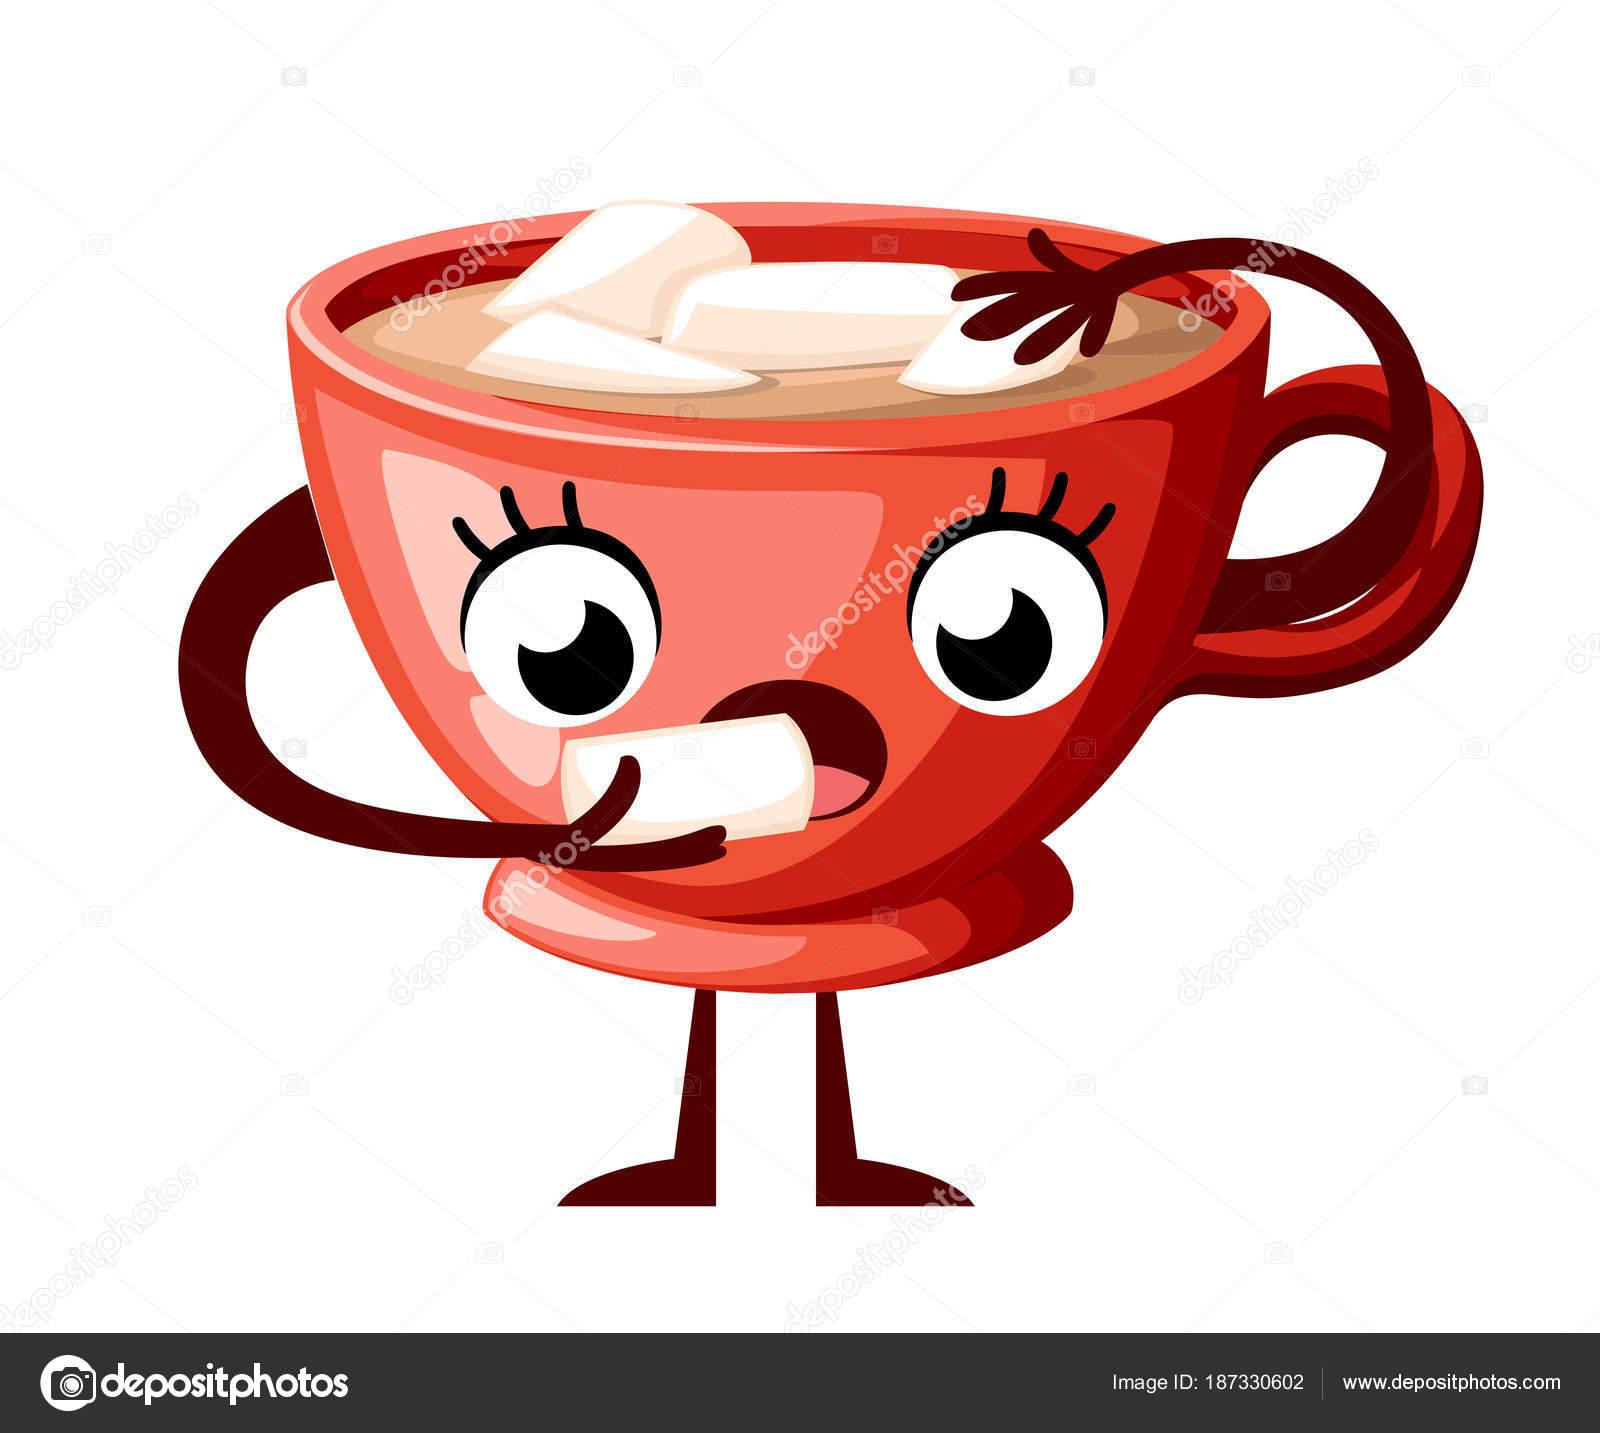 Design De Personagens De Copa Café Lindo. Copa Do Estilo Dos Desenhos  Animados Comer Marshmallow. Copa Do Mascote Vermelho. Ilustração Em Vetor  Isolada No ...